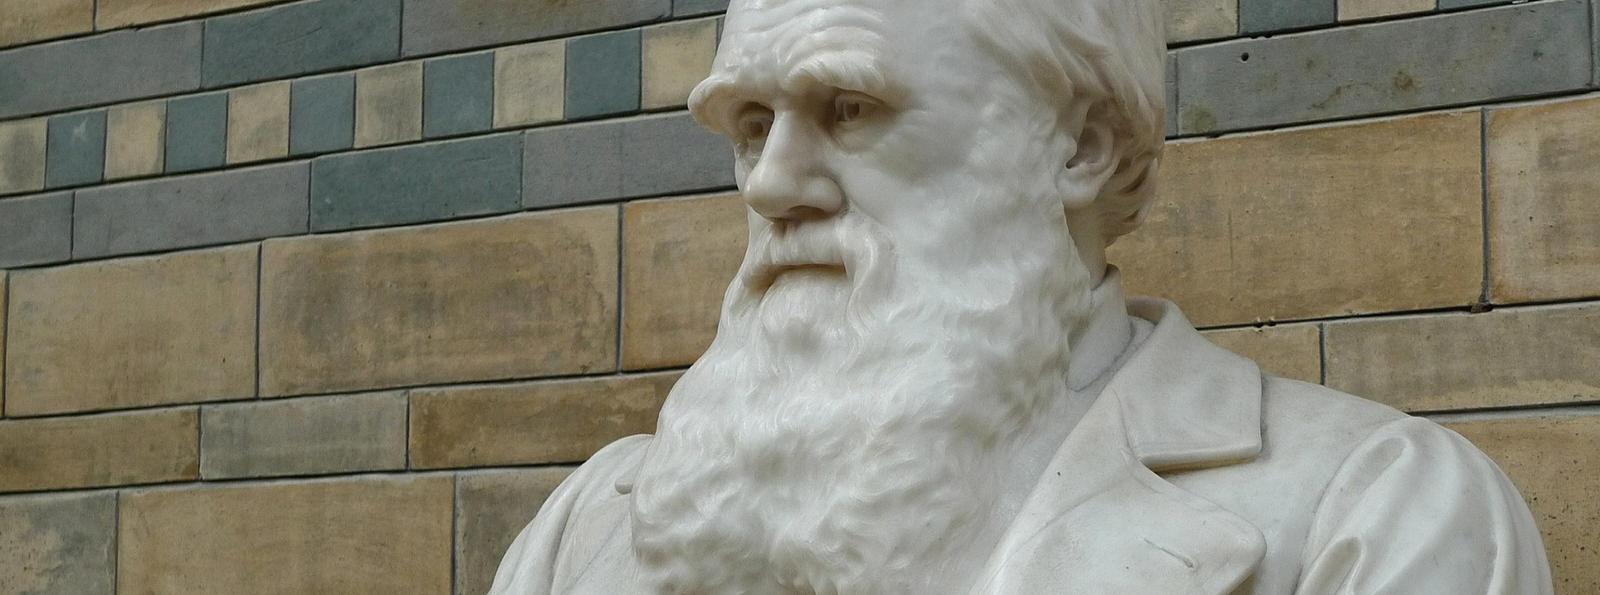 Charles Darwin Statue, Natural History Museum, London